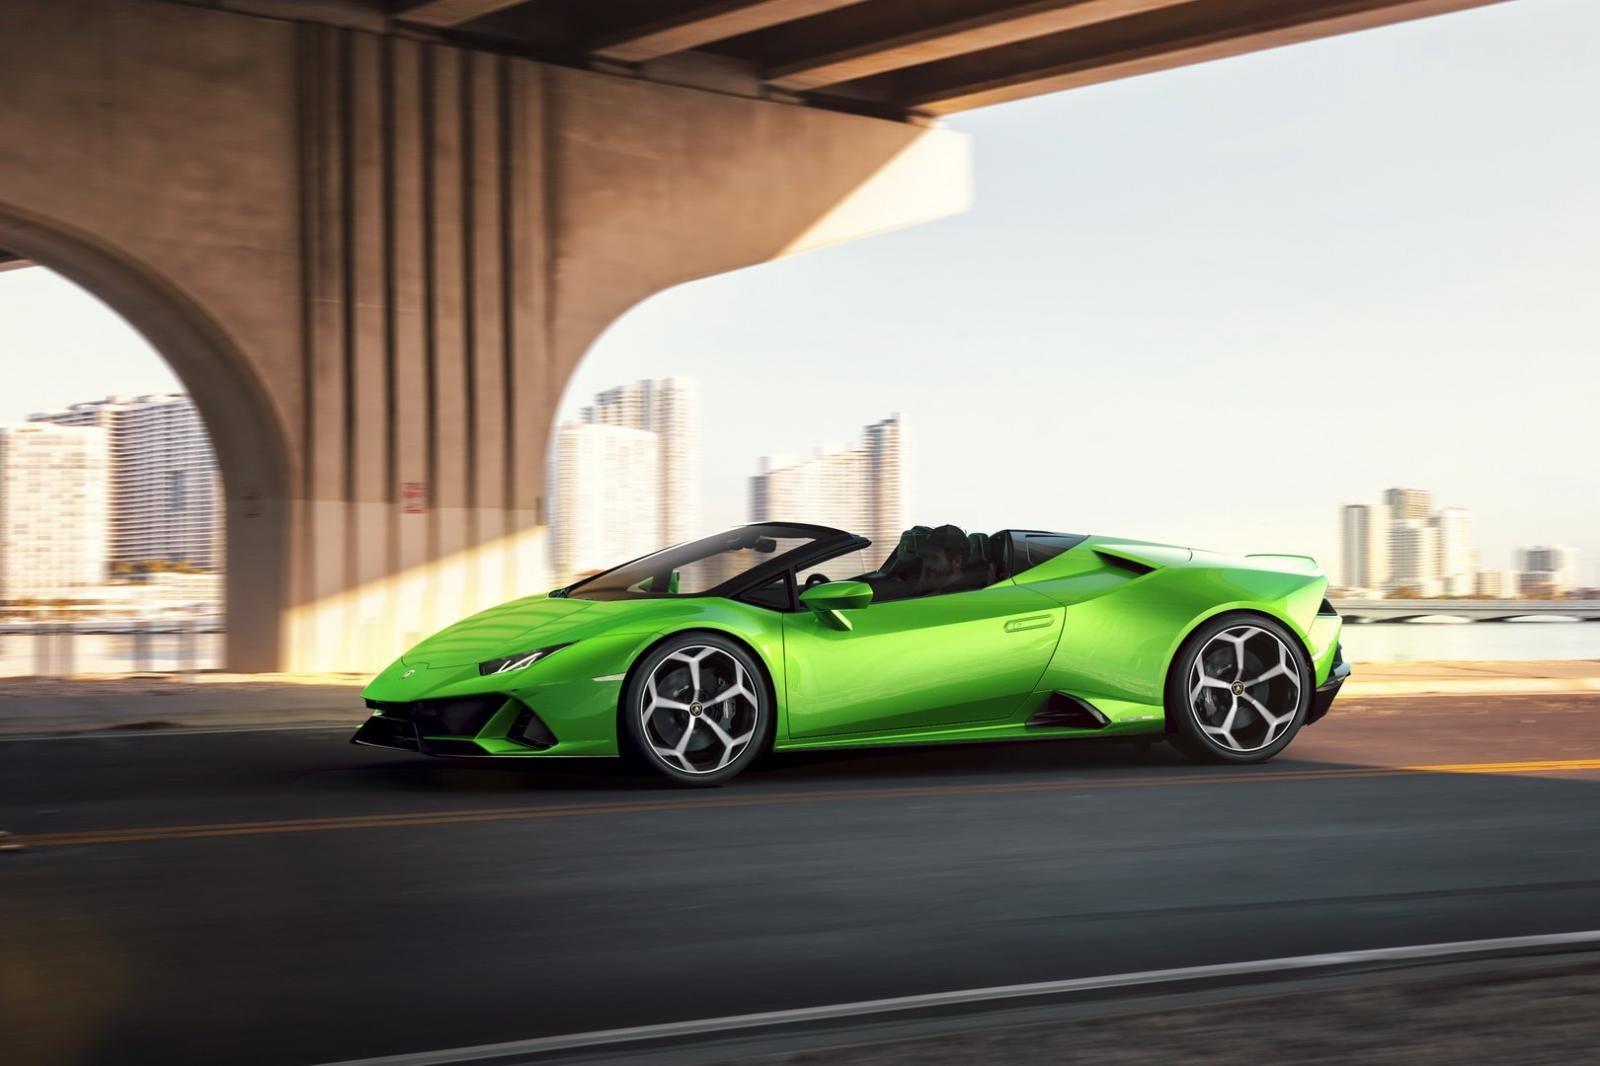 Lamborghini Huracan Evo Spyder sử dụng khối động cơ V10 cho công suất tối đa 640 mã lực